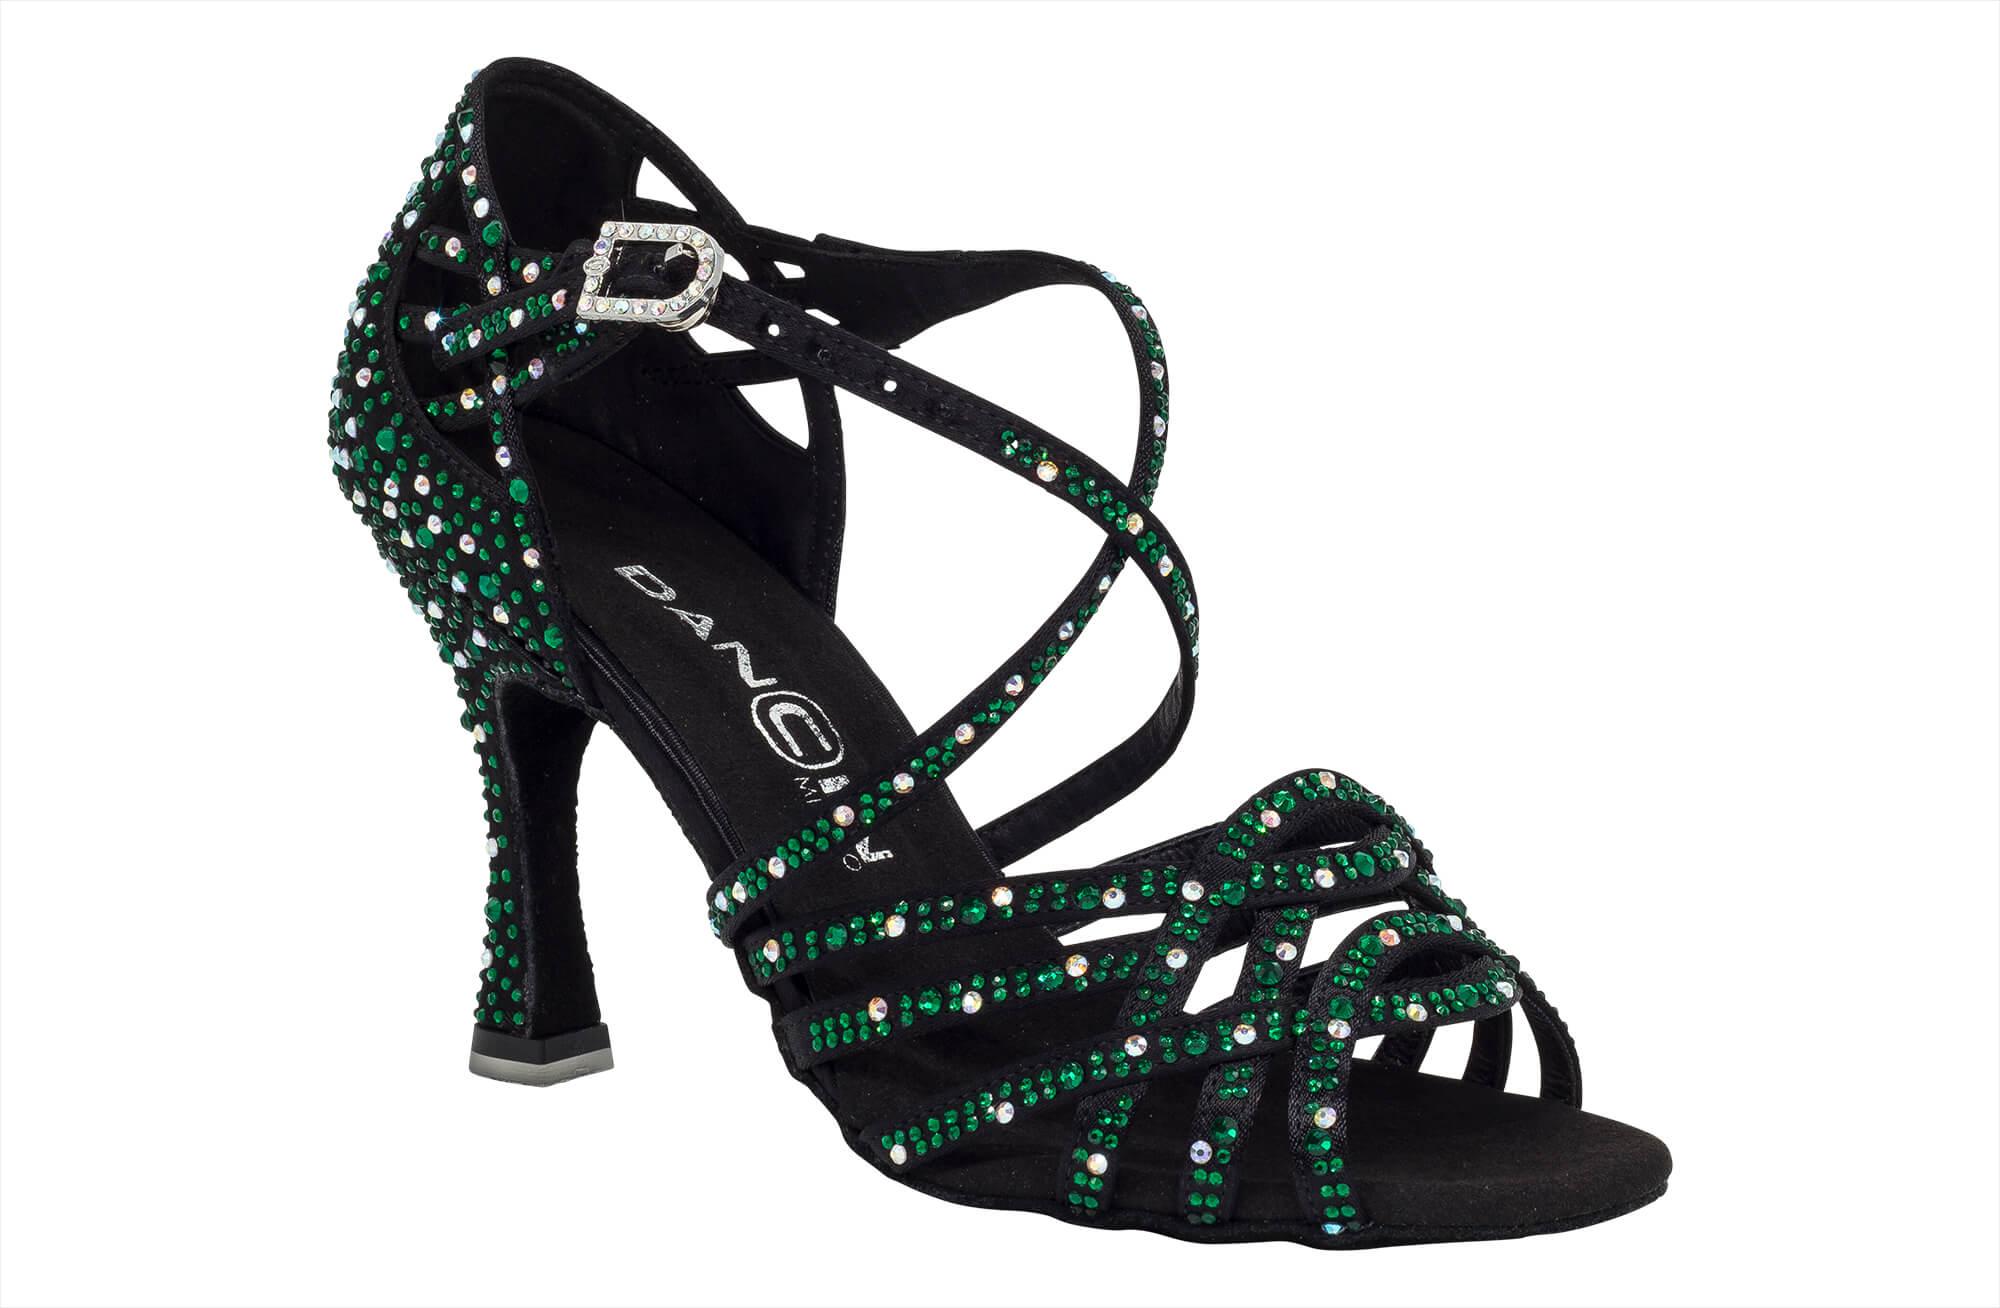 Scarpa Da Ballo In Raso Nero Con Crystal Strass Verde Smeraldo Tacco 8 Cm